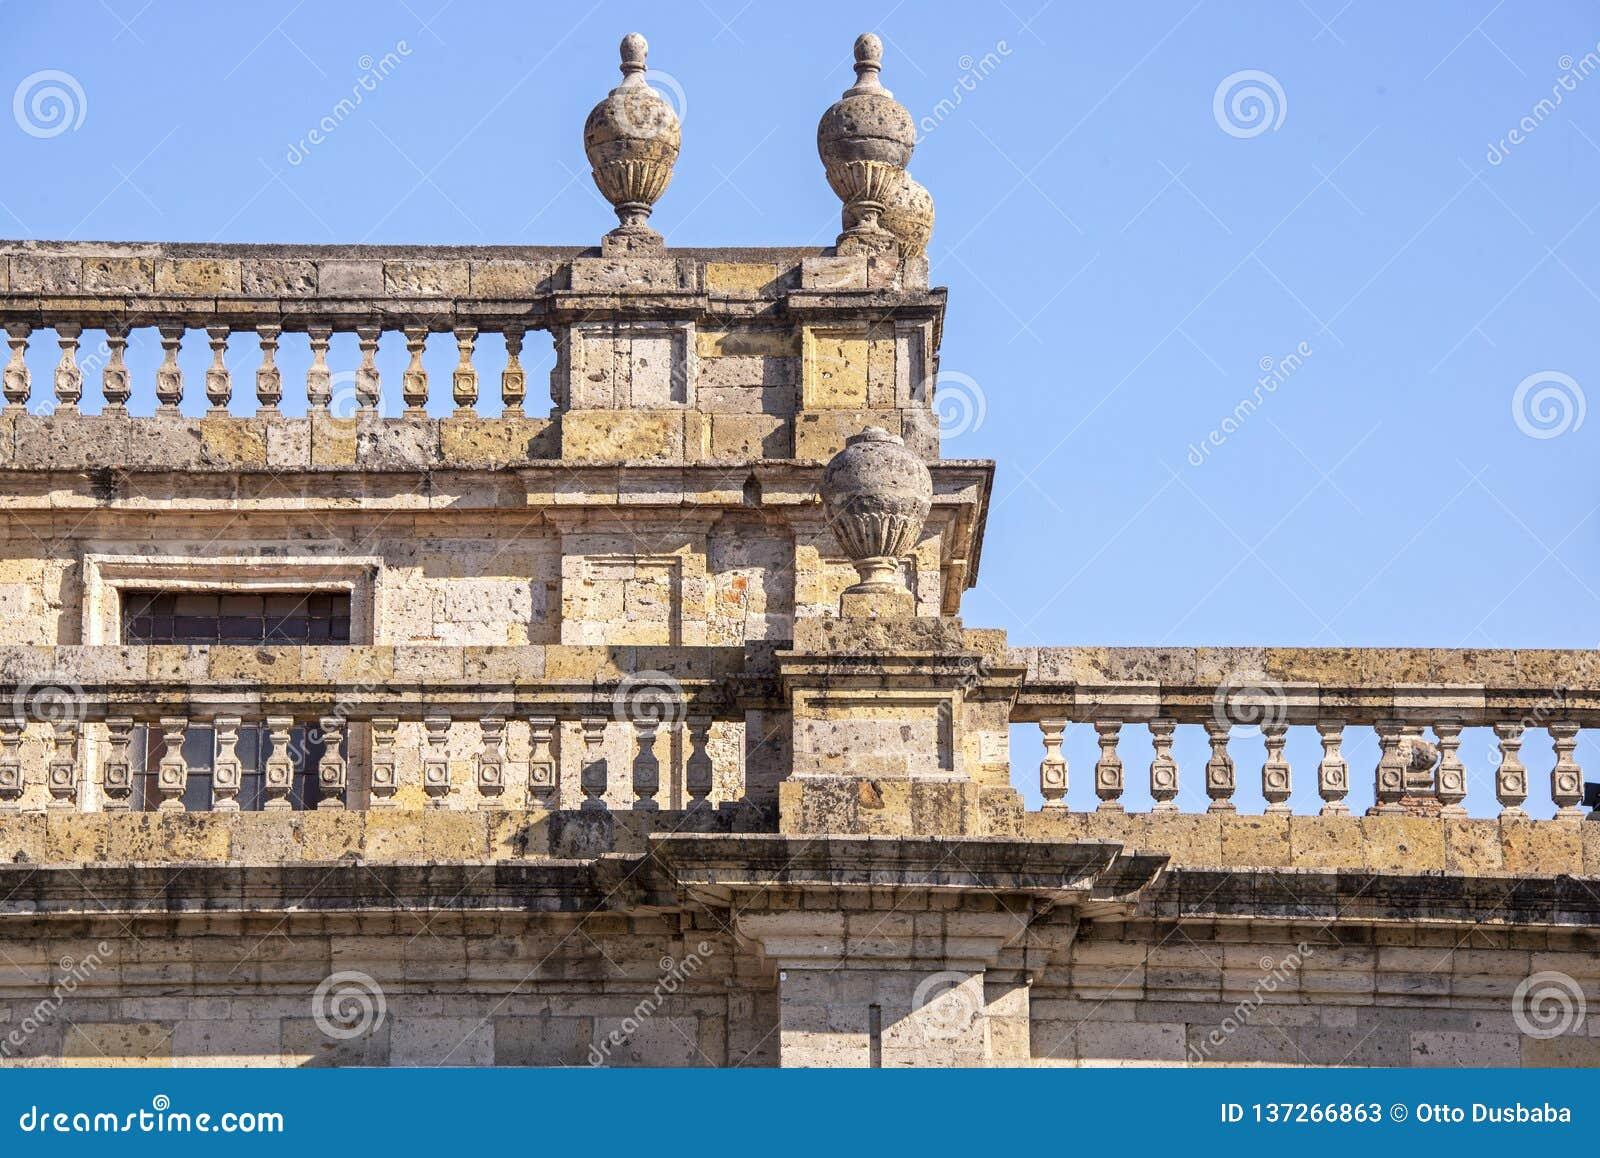 Détail d une balustrade coloniale espagnole